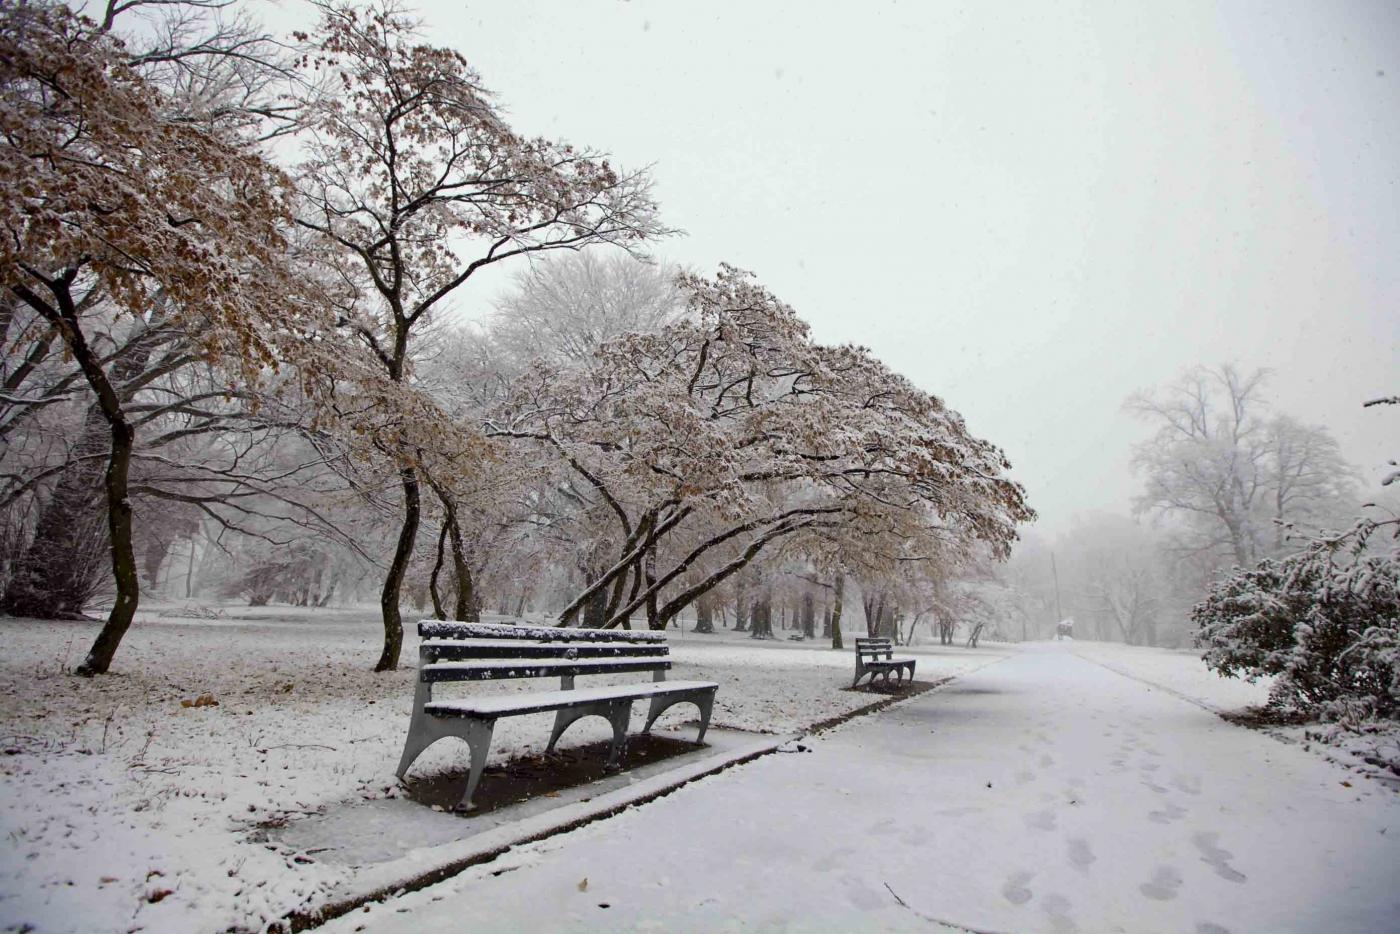 雪中即景_图1-2